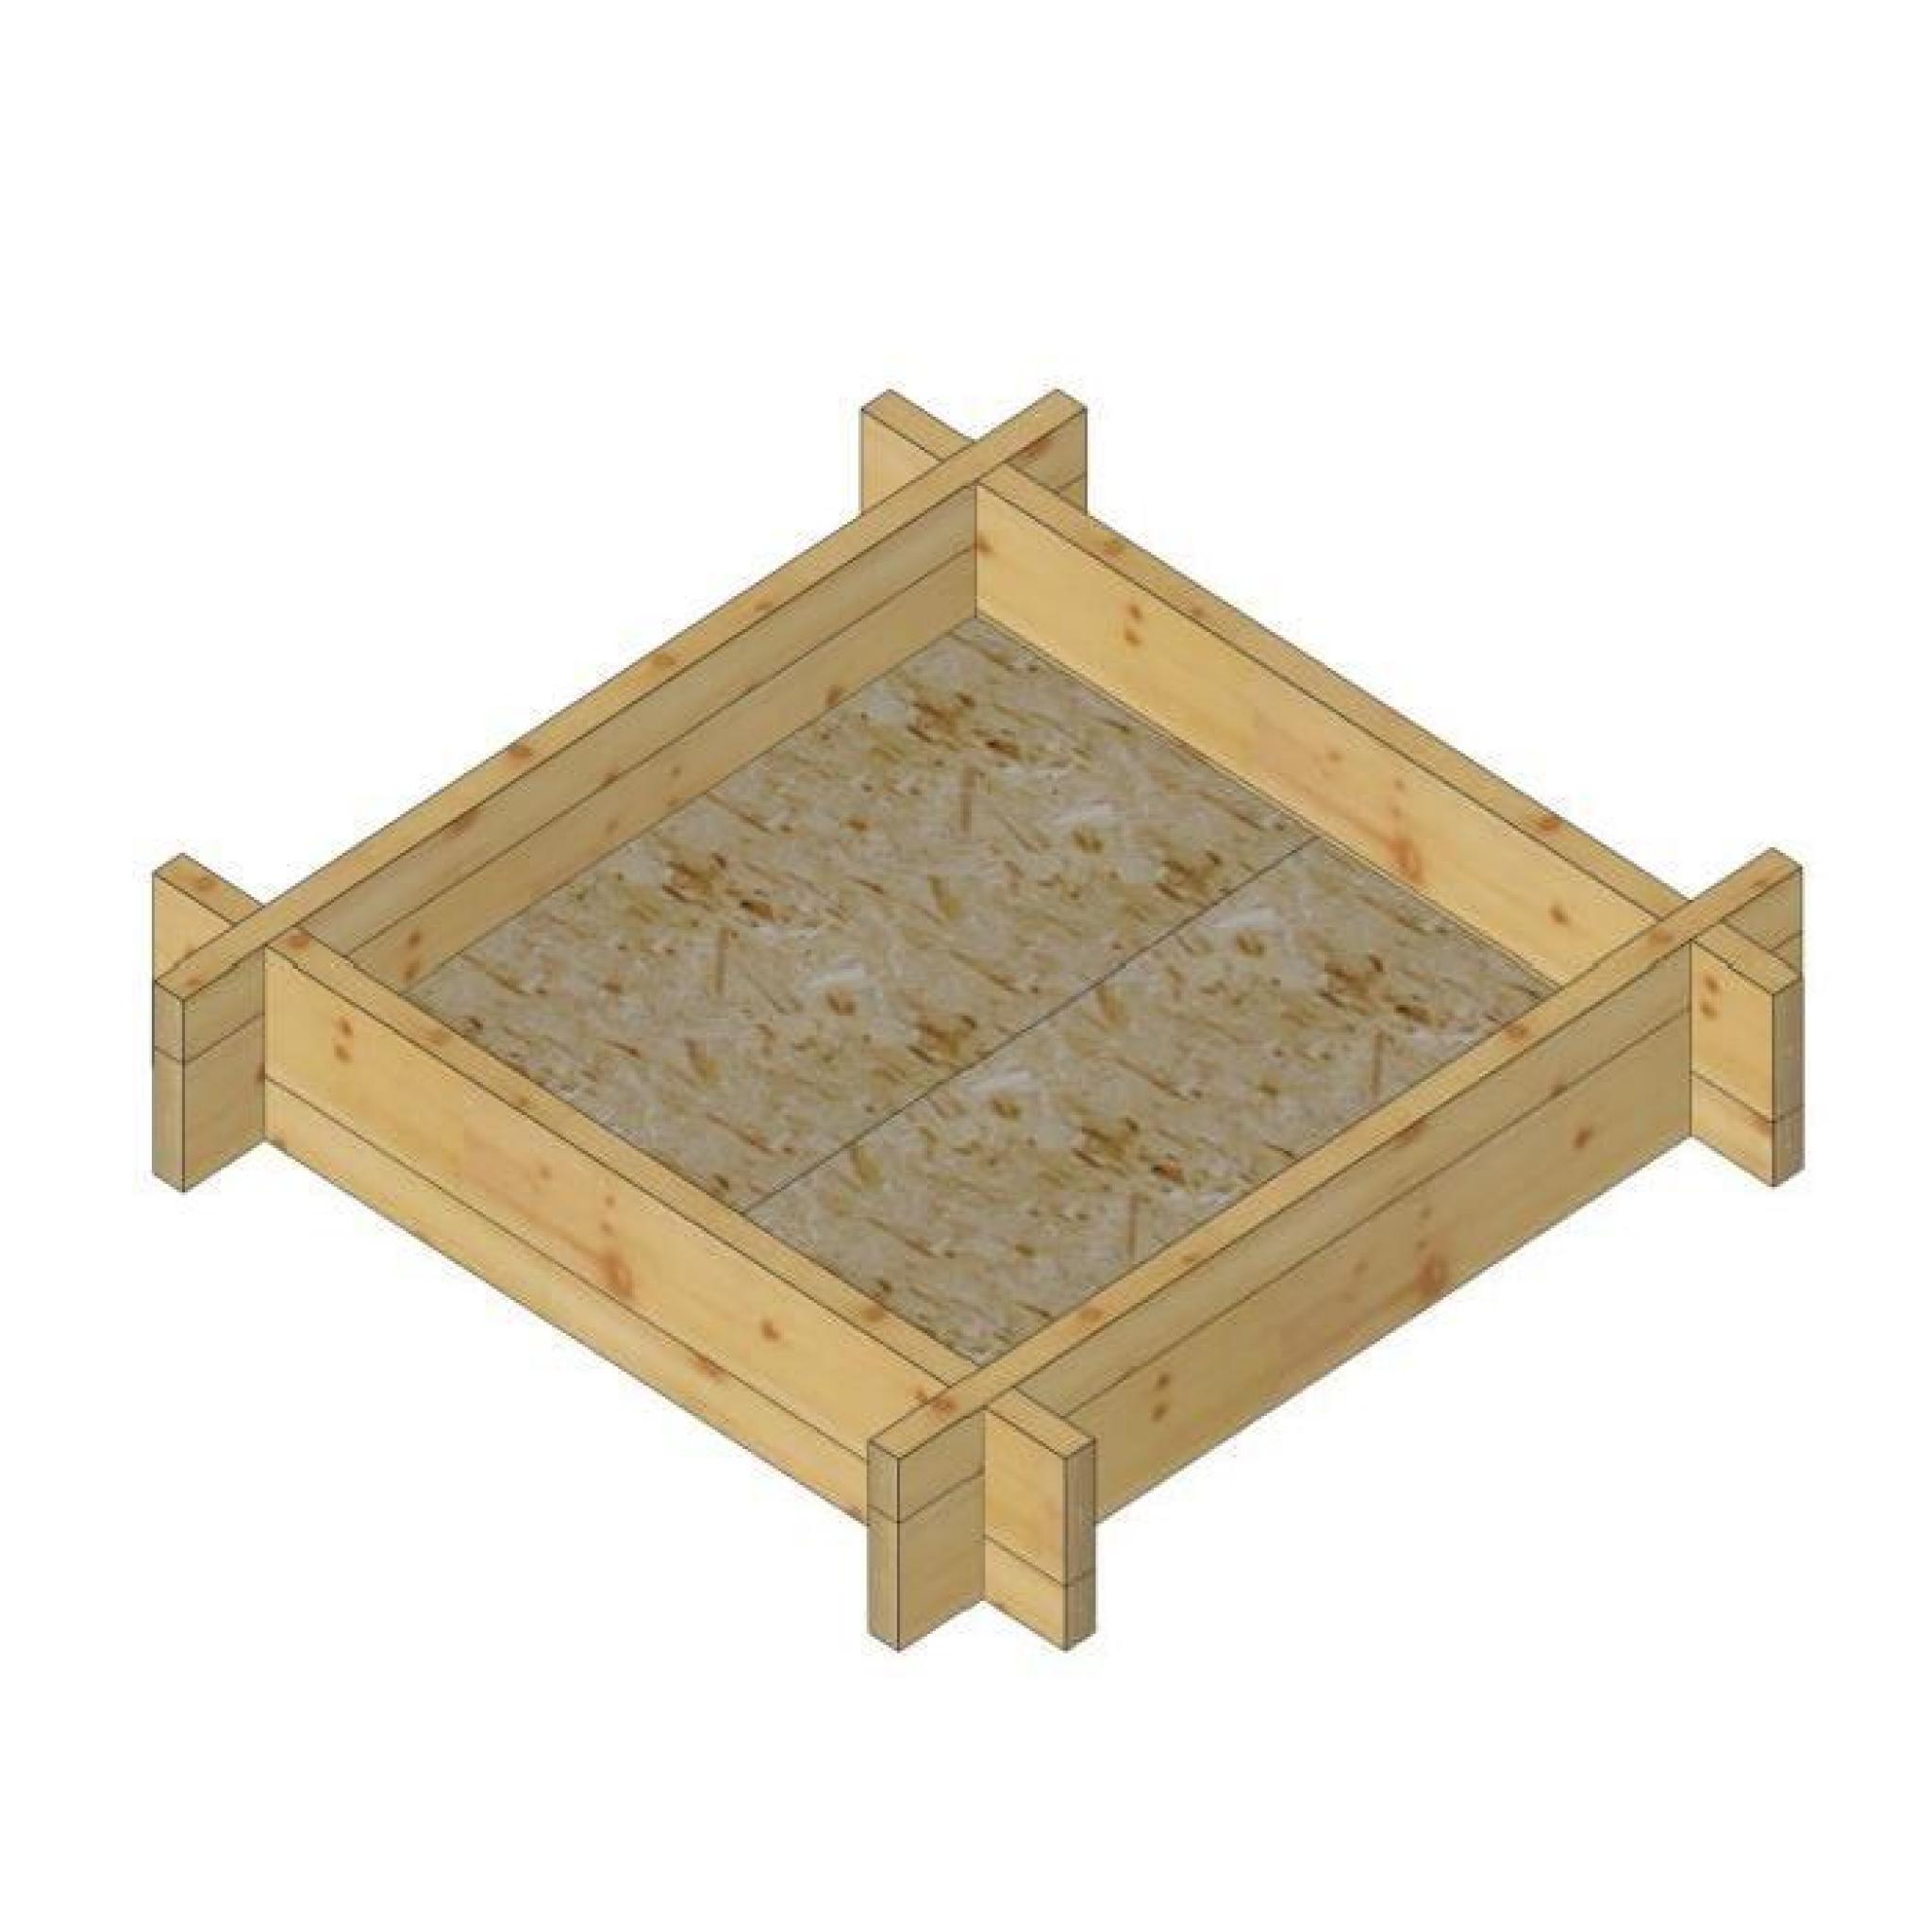 bac crottes bac jardinage l110 x l110 x h22 cm achat vente jardiniere en bois pas cher. Black Bedroom Furniture Sets. Home Design Ideas